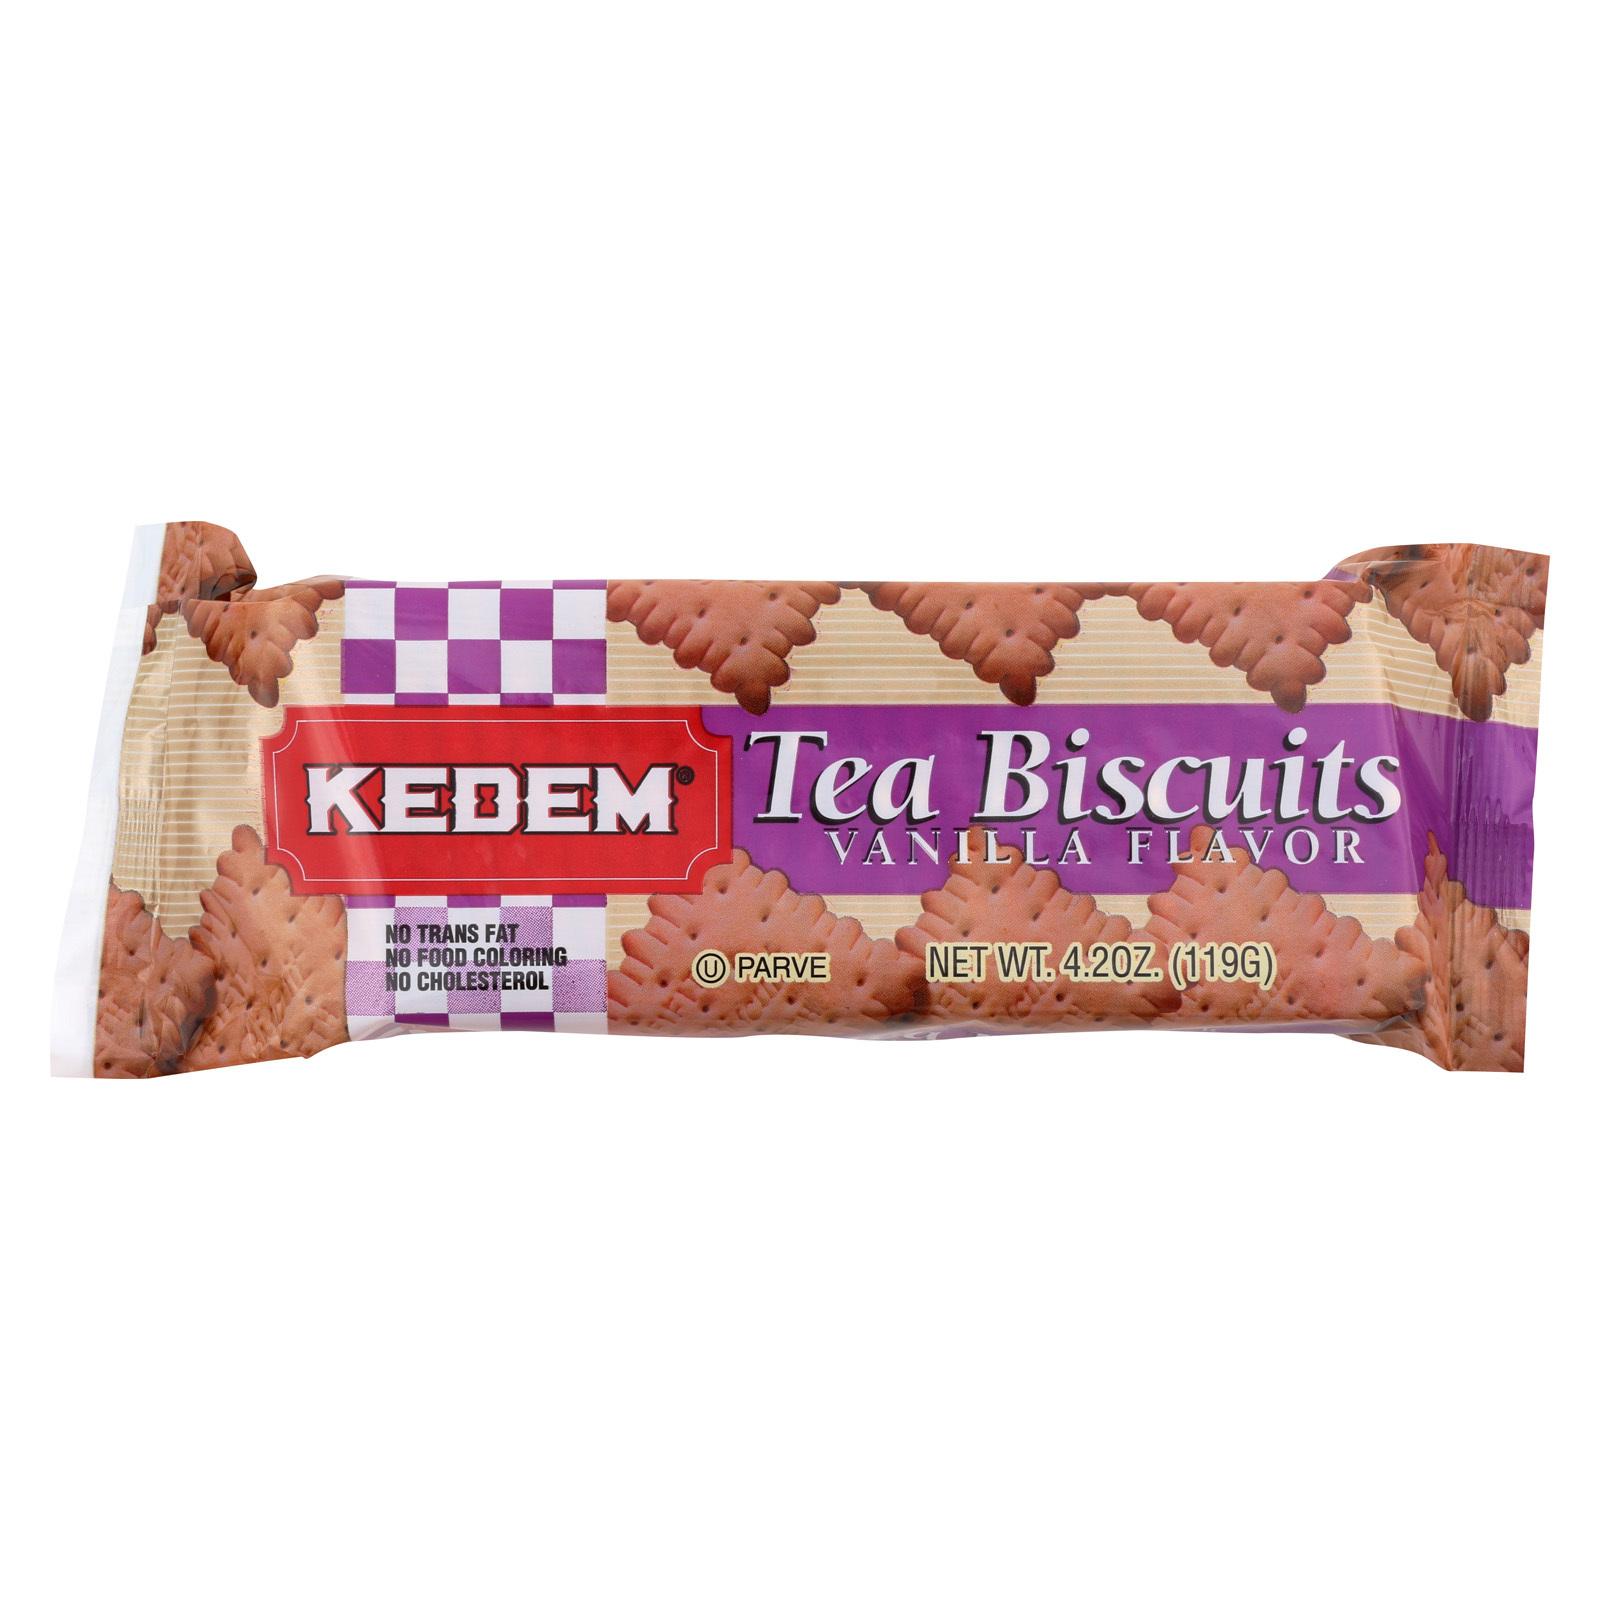 Kedem Tea Biscuits - Vanilla - 4.2 oz.